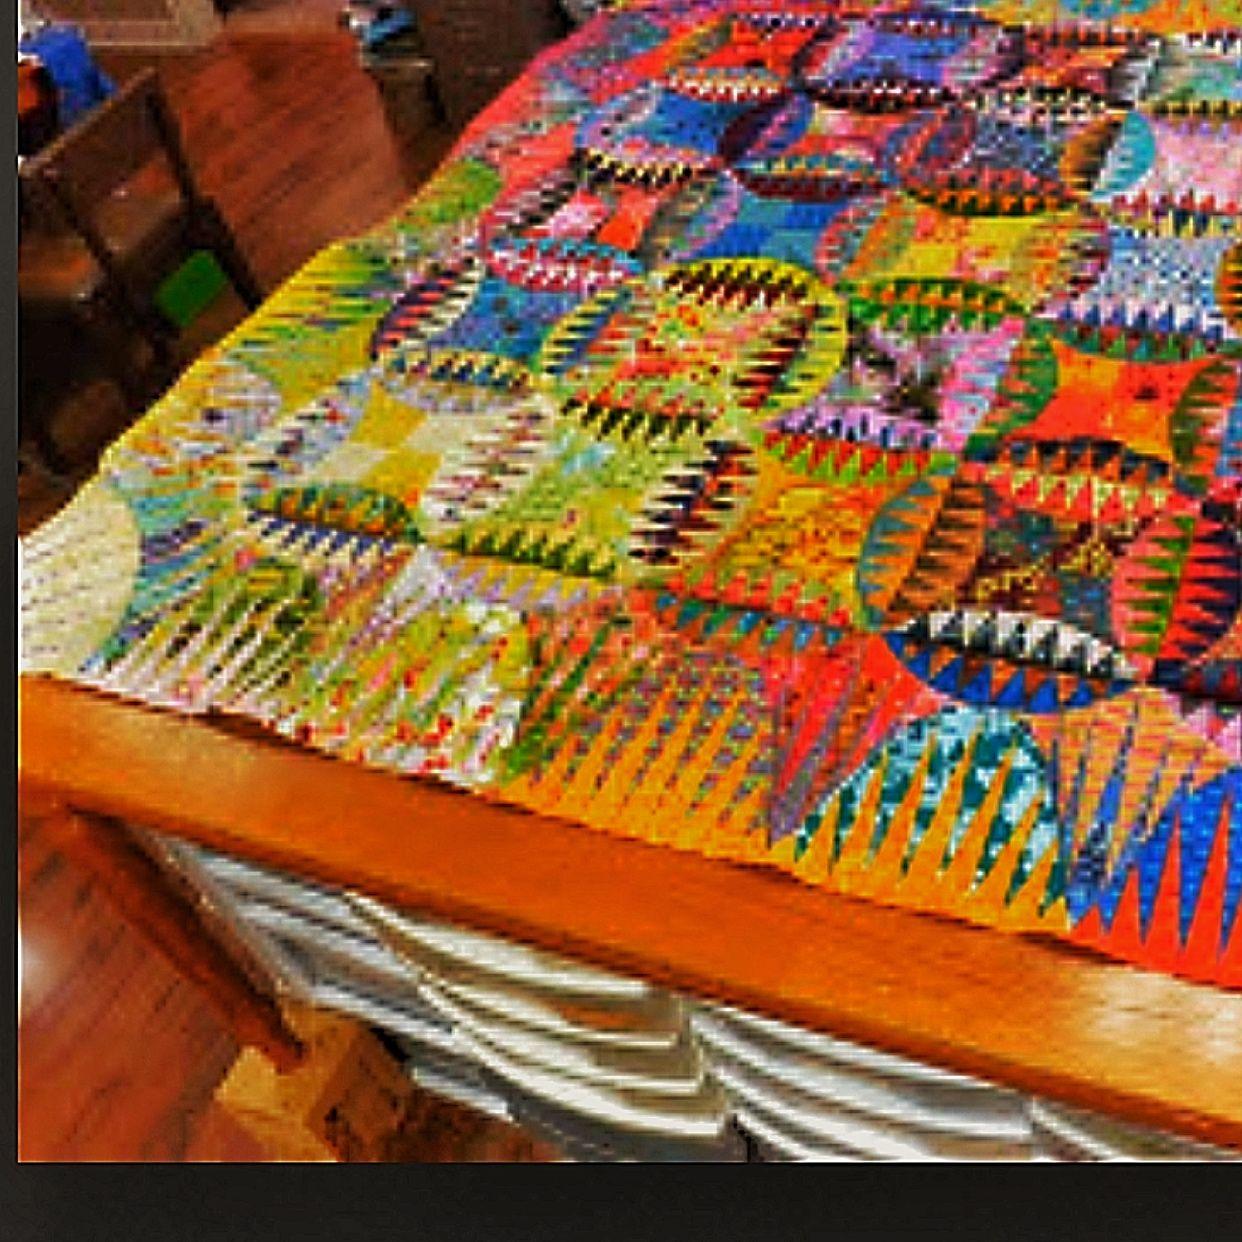 Indian Orange Peel Quilt pattern design Karen Stone, quilter ... : karen quilt - Adamdwight.com